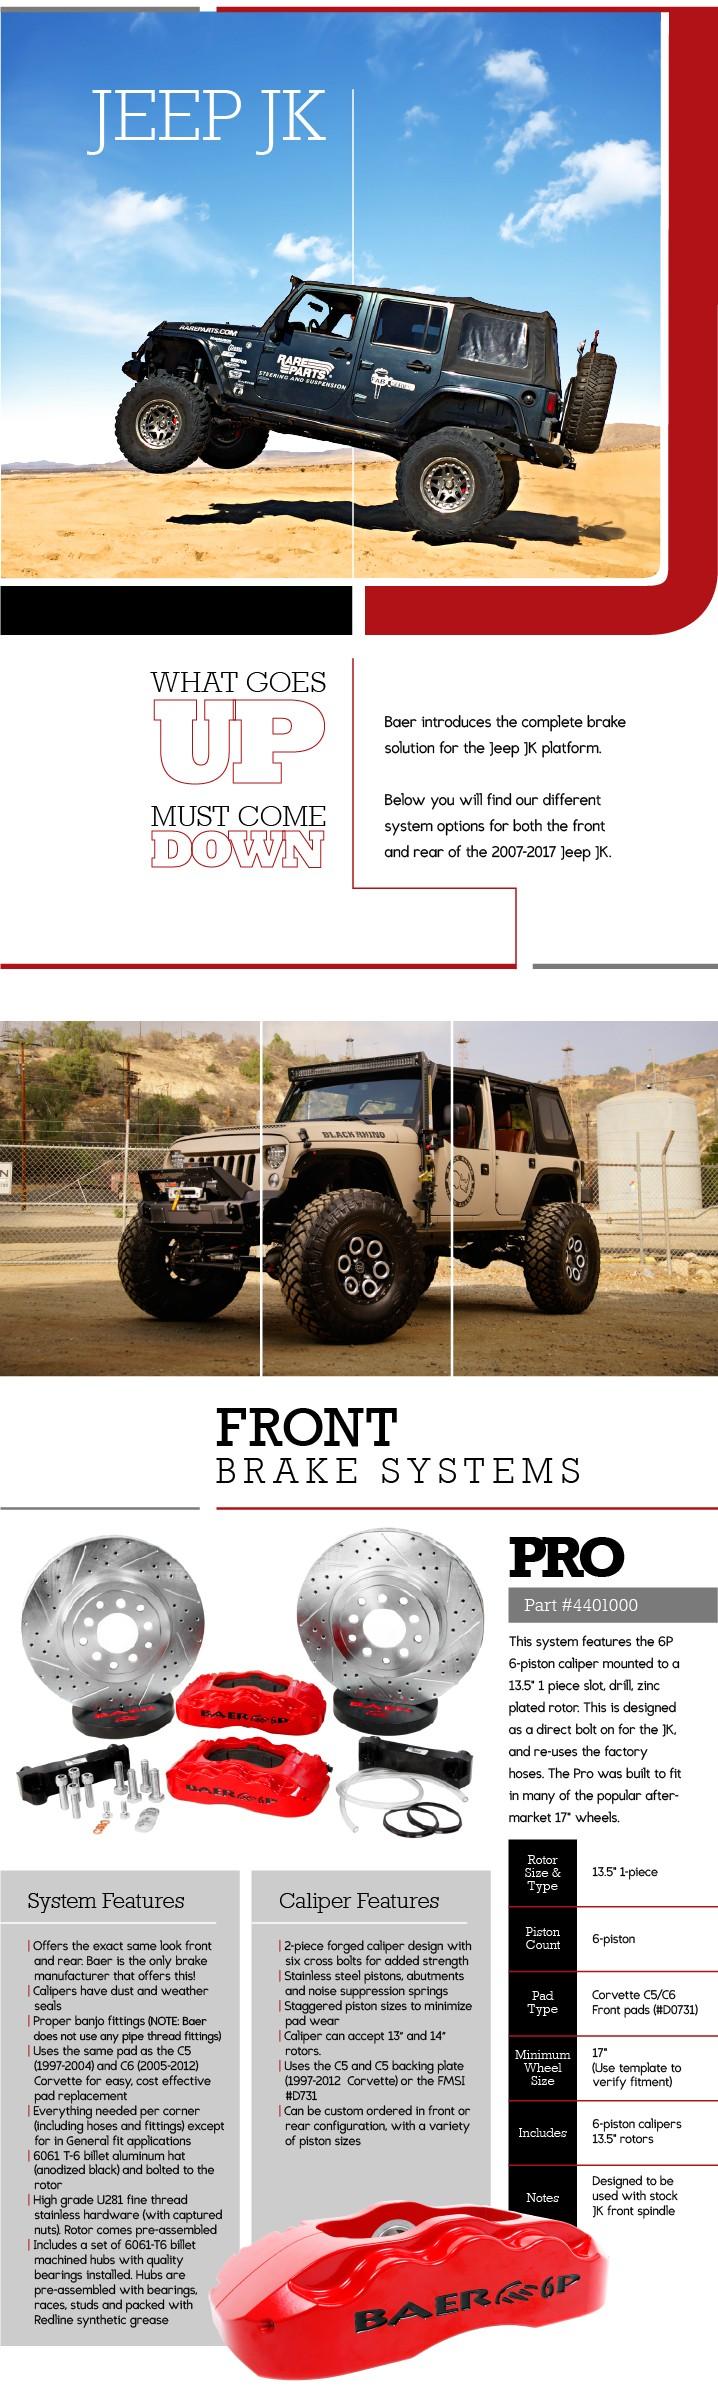 Performance Brake Upgrades for Jeep JK - Baer Brakes